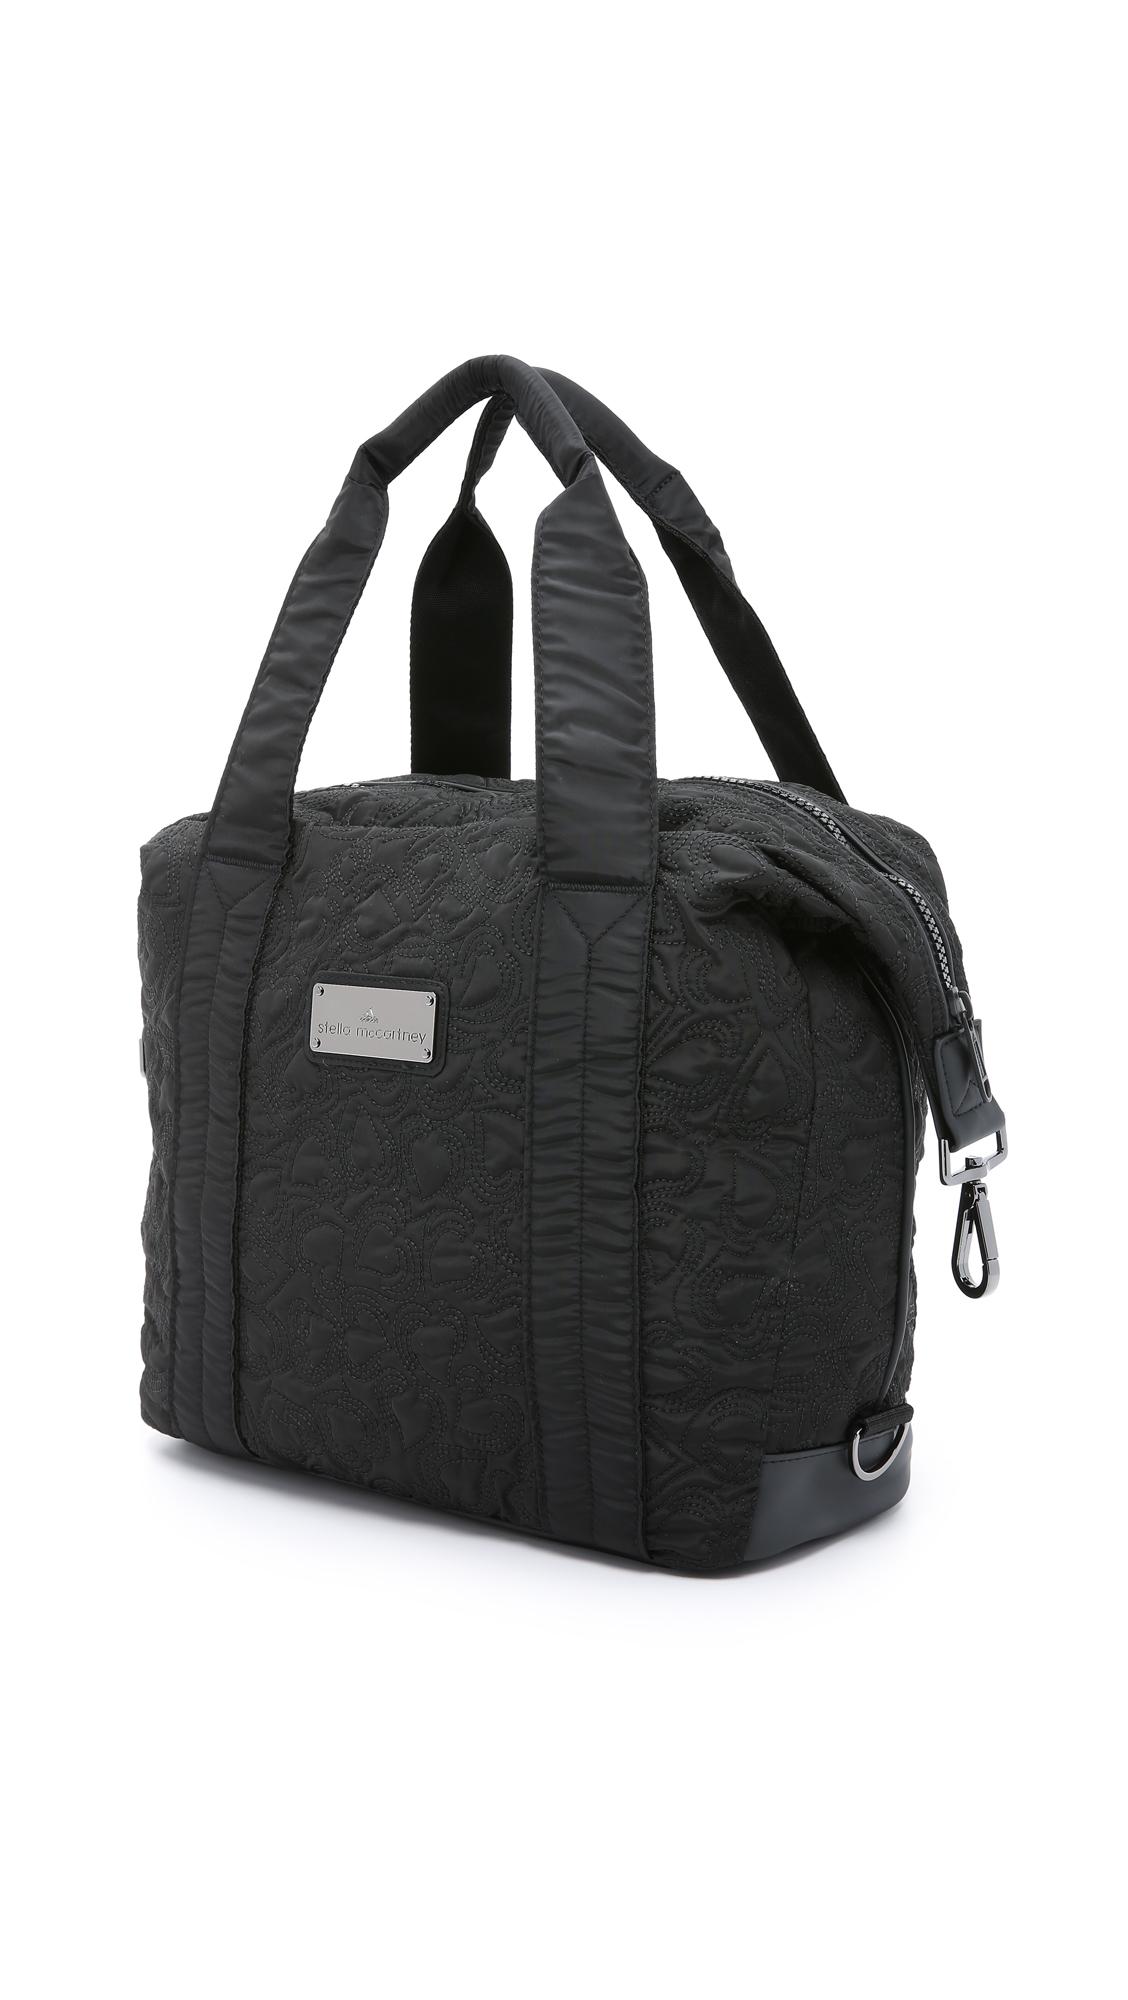 ... differently b1821 3cf74 Lyst - Adidas By Stella Mccartney Small Gym Bag  - Black in B ... eae9db4f77